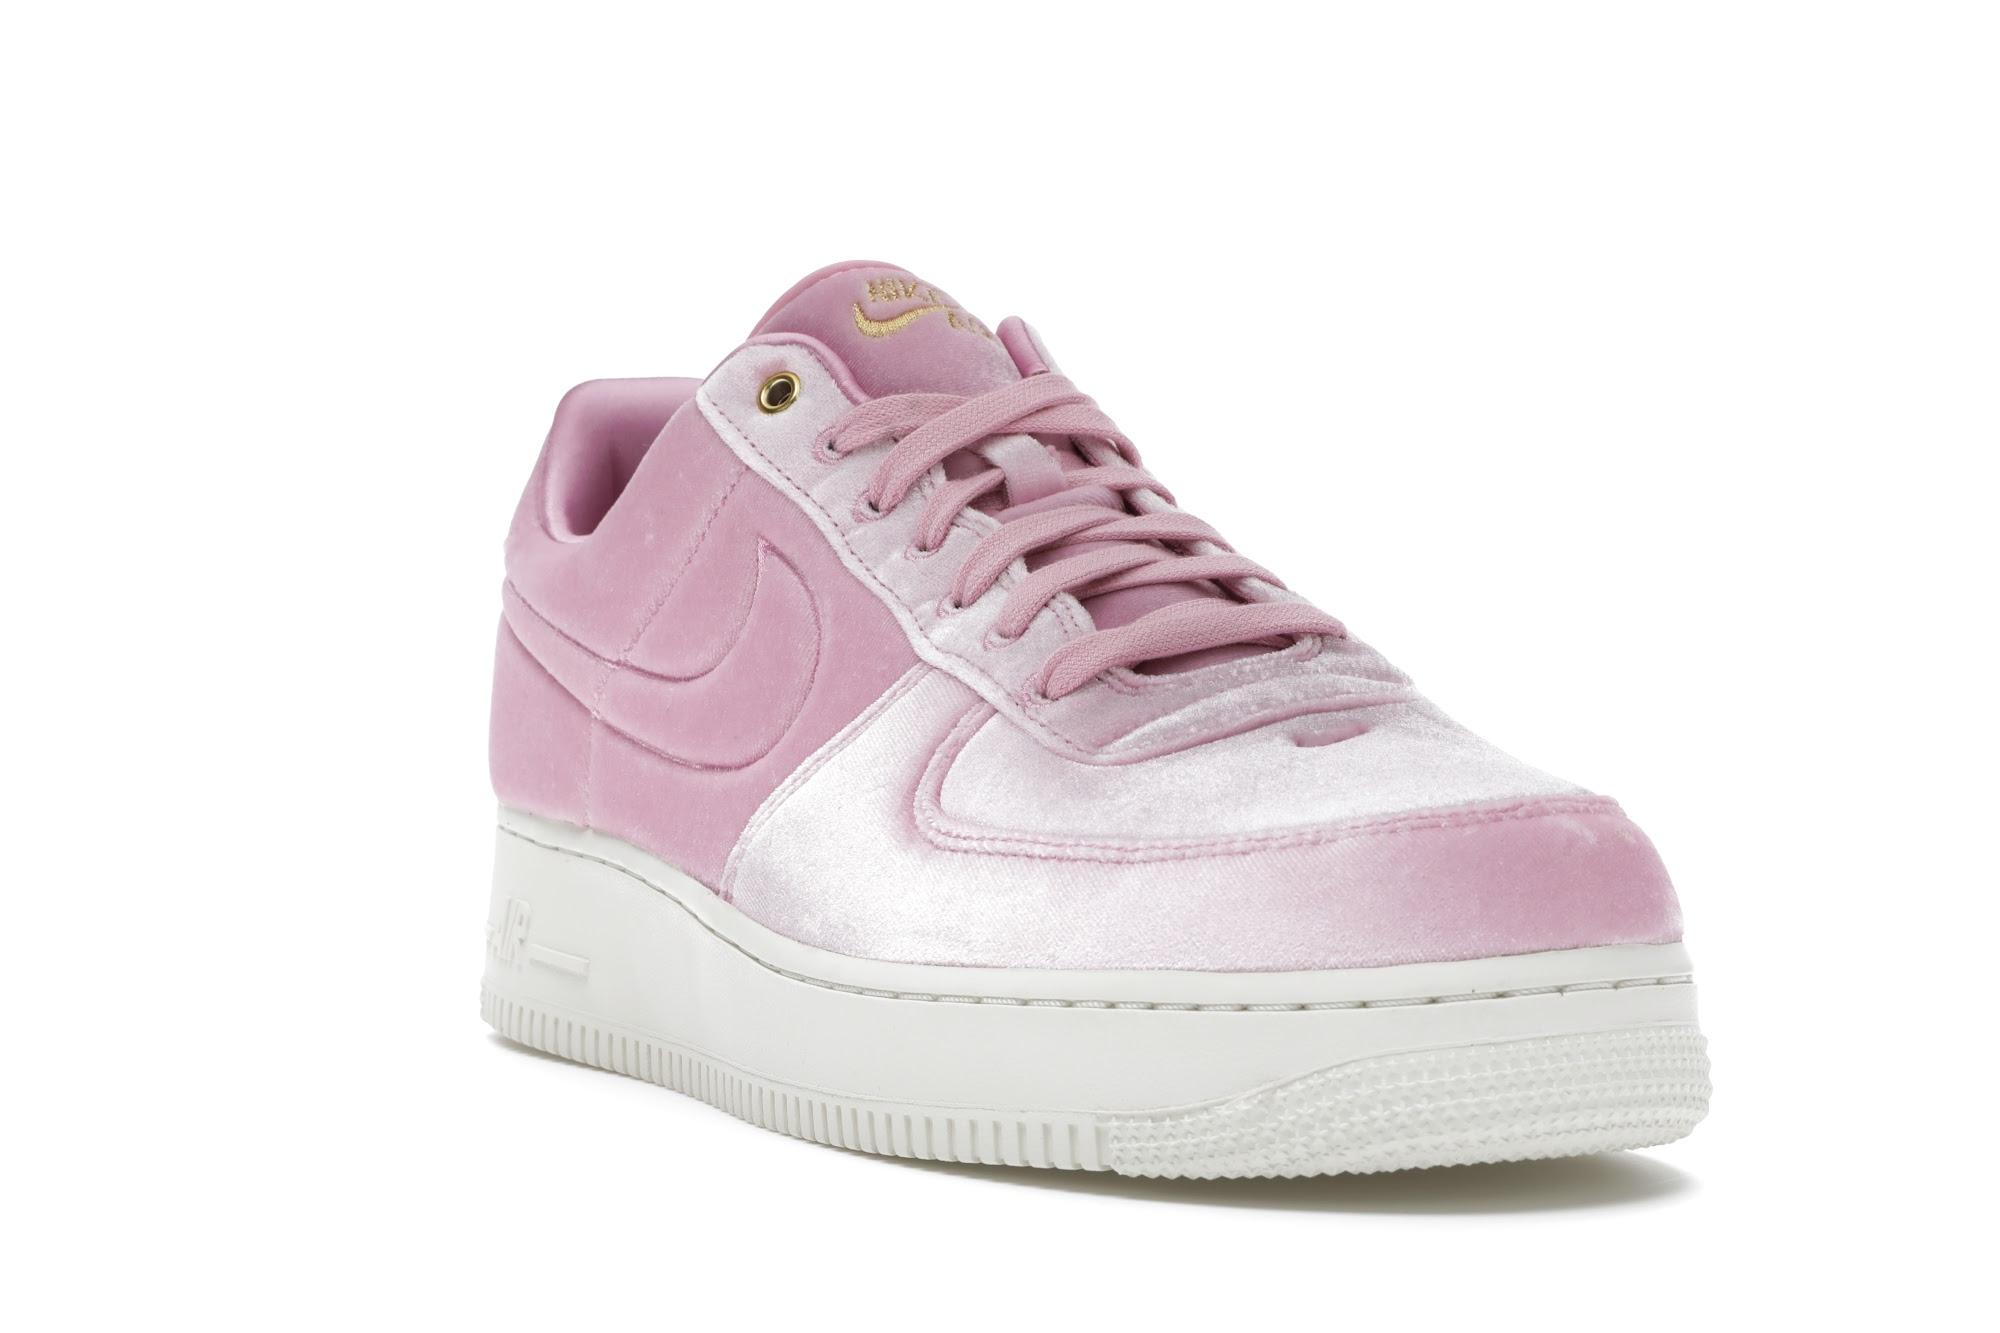 Nike Air Force 1 Low Premium 3 Velour Pink Rise - AT4144-600